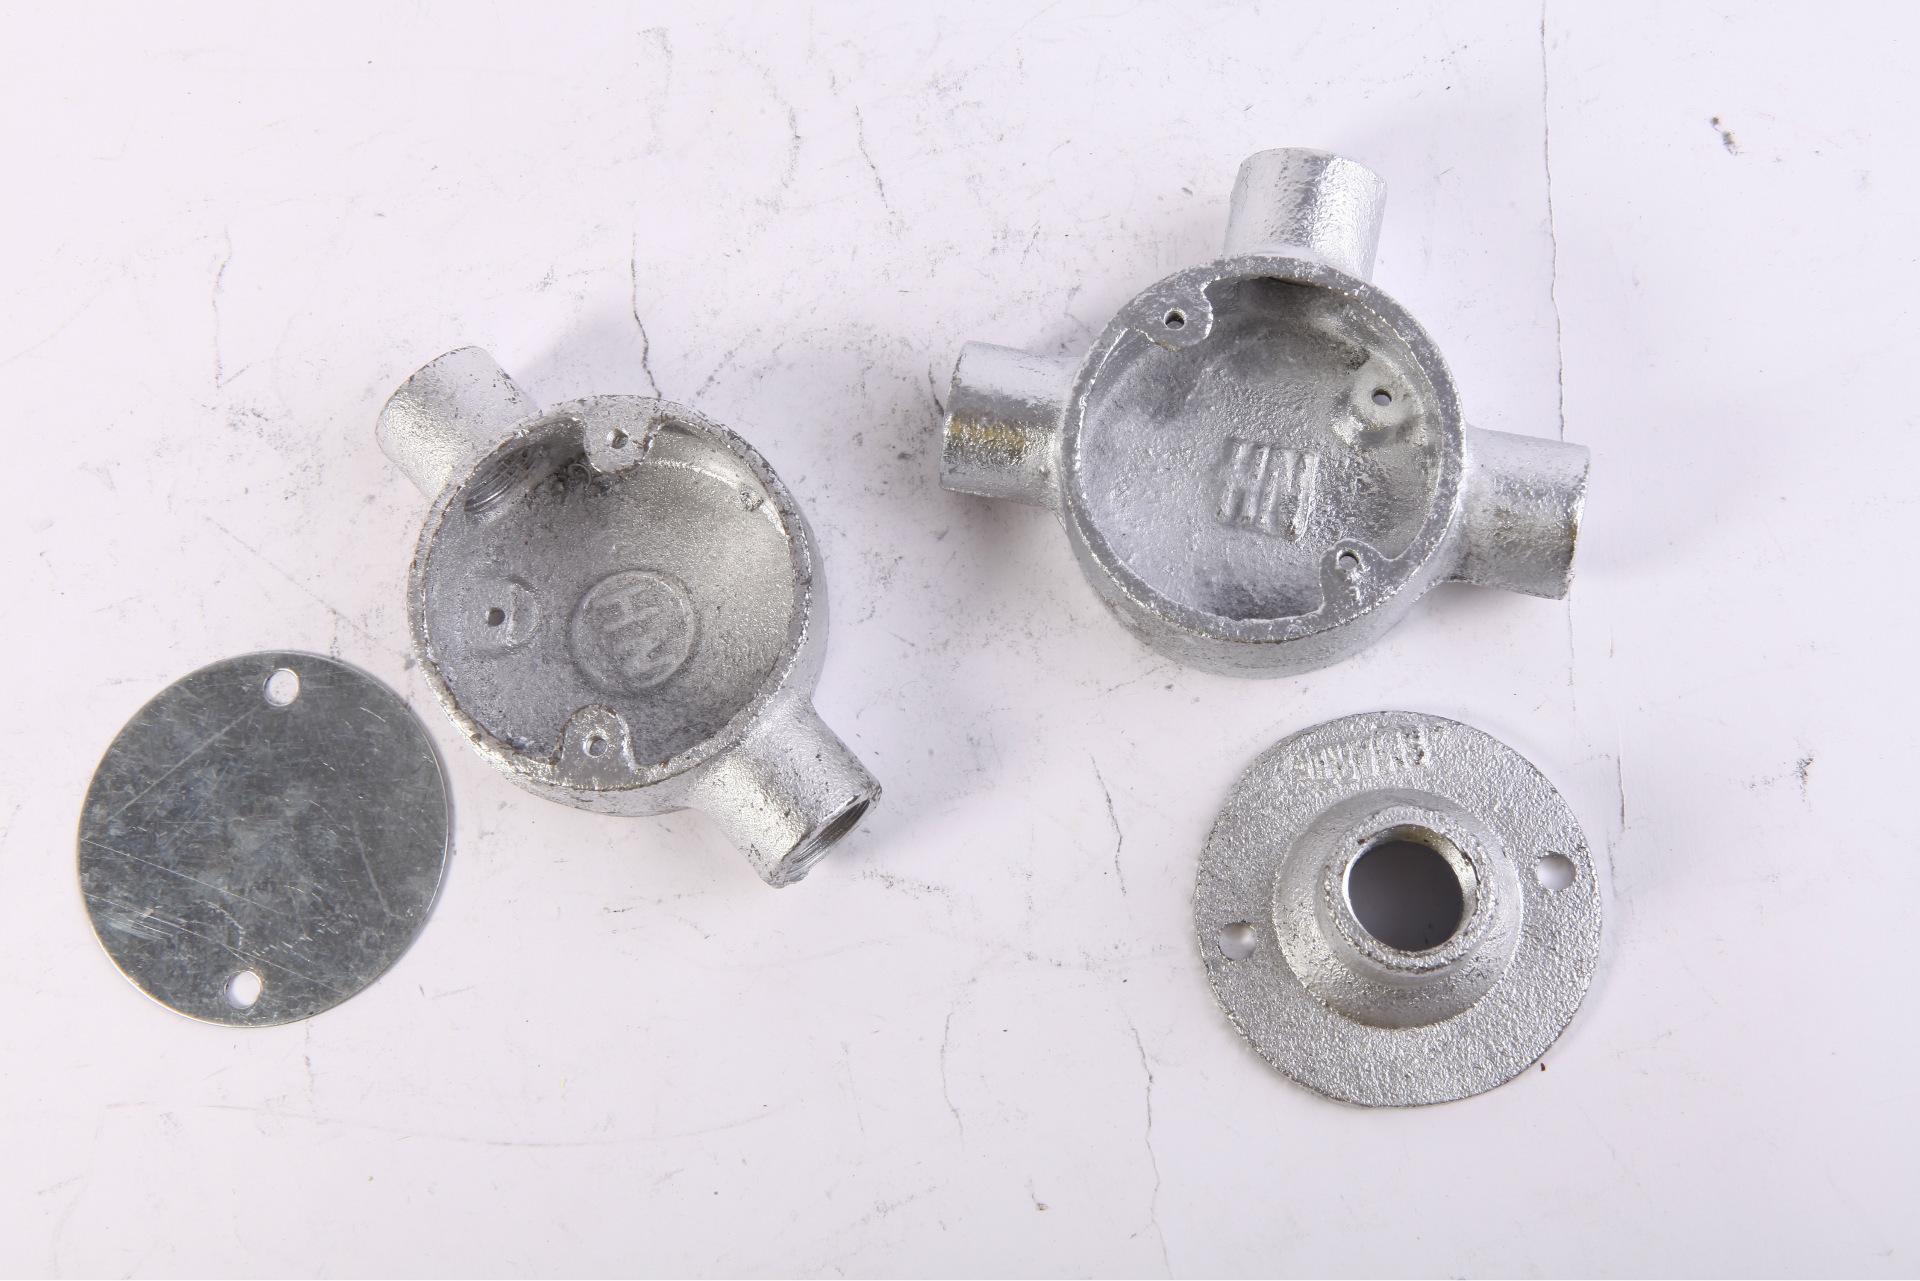 厂家直销热浸锌四级管配件 铸铁司令箱 25mm玛钢司令箱示例图3